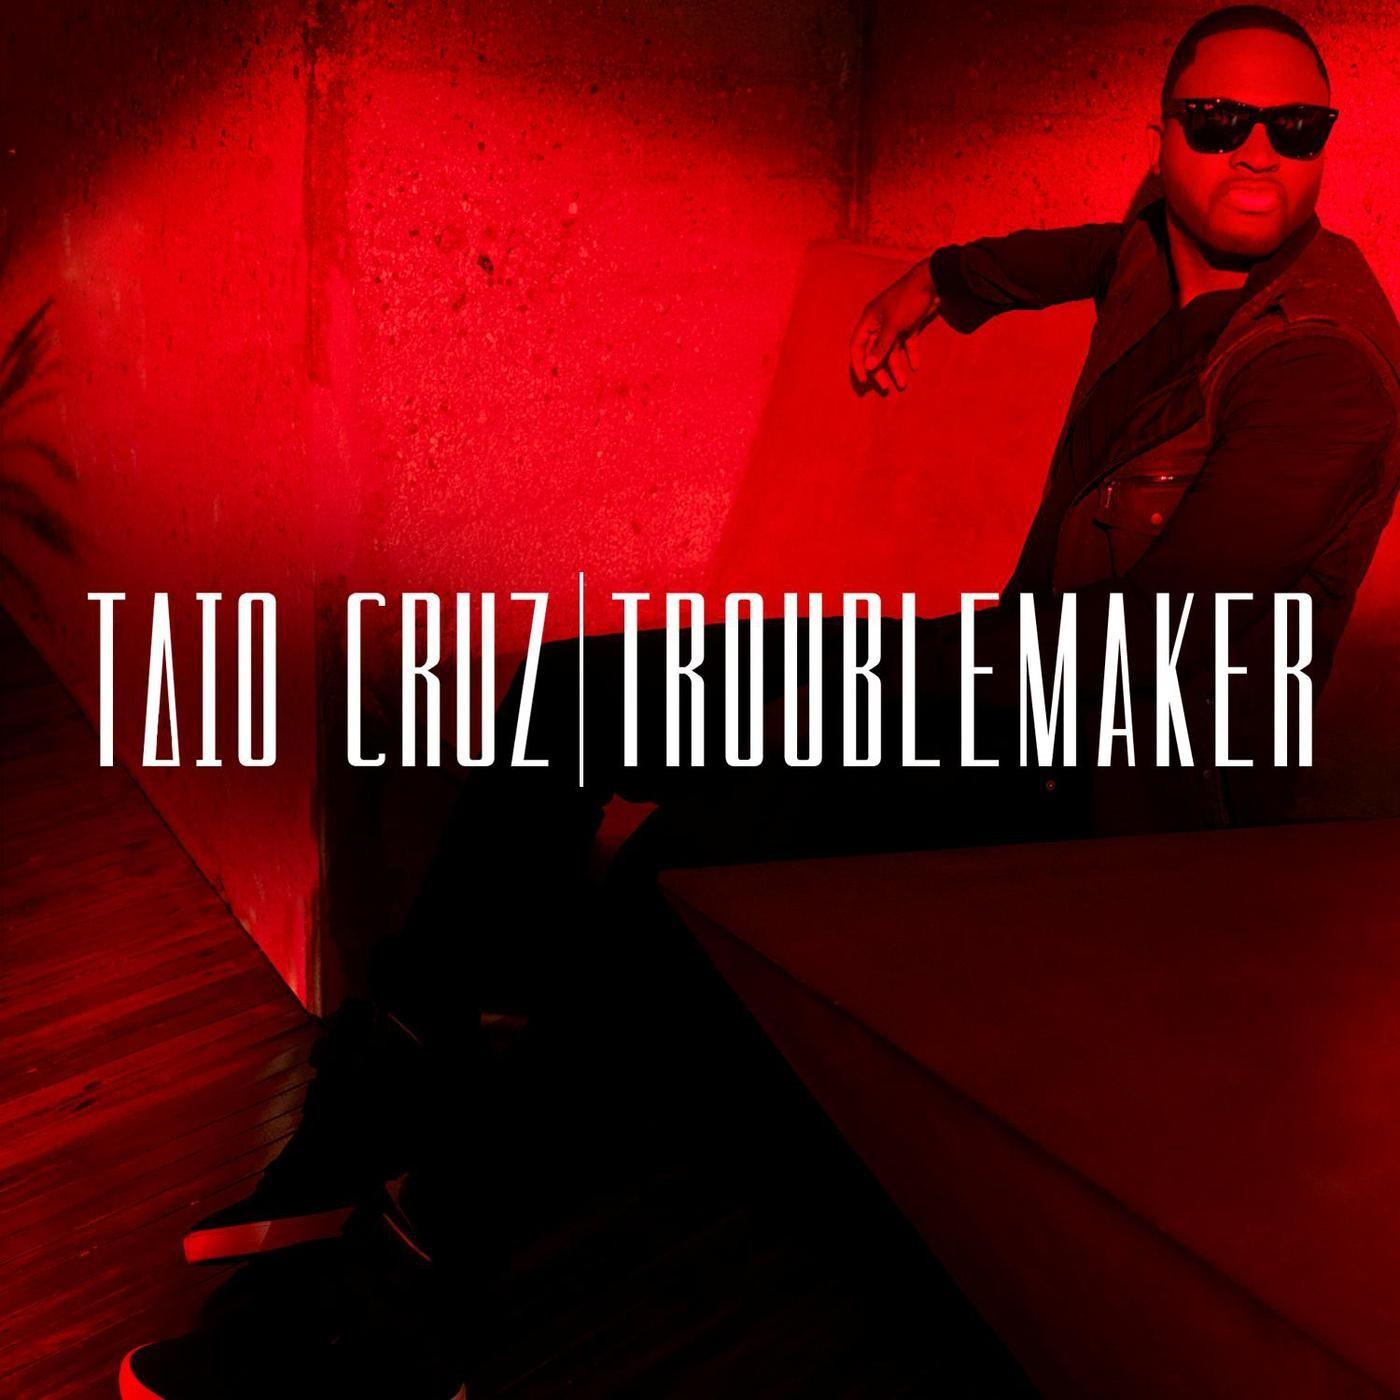 TAIO DEPARTURE CD BAIXAR CRUZ